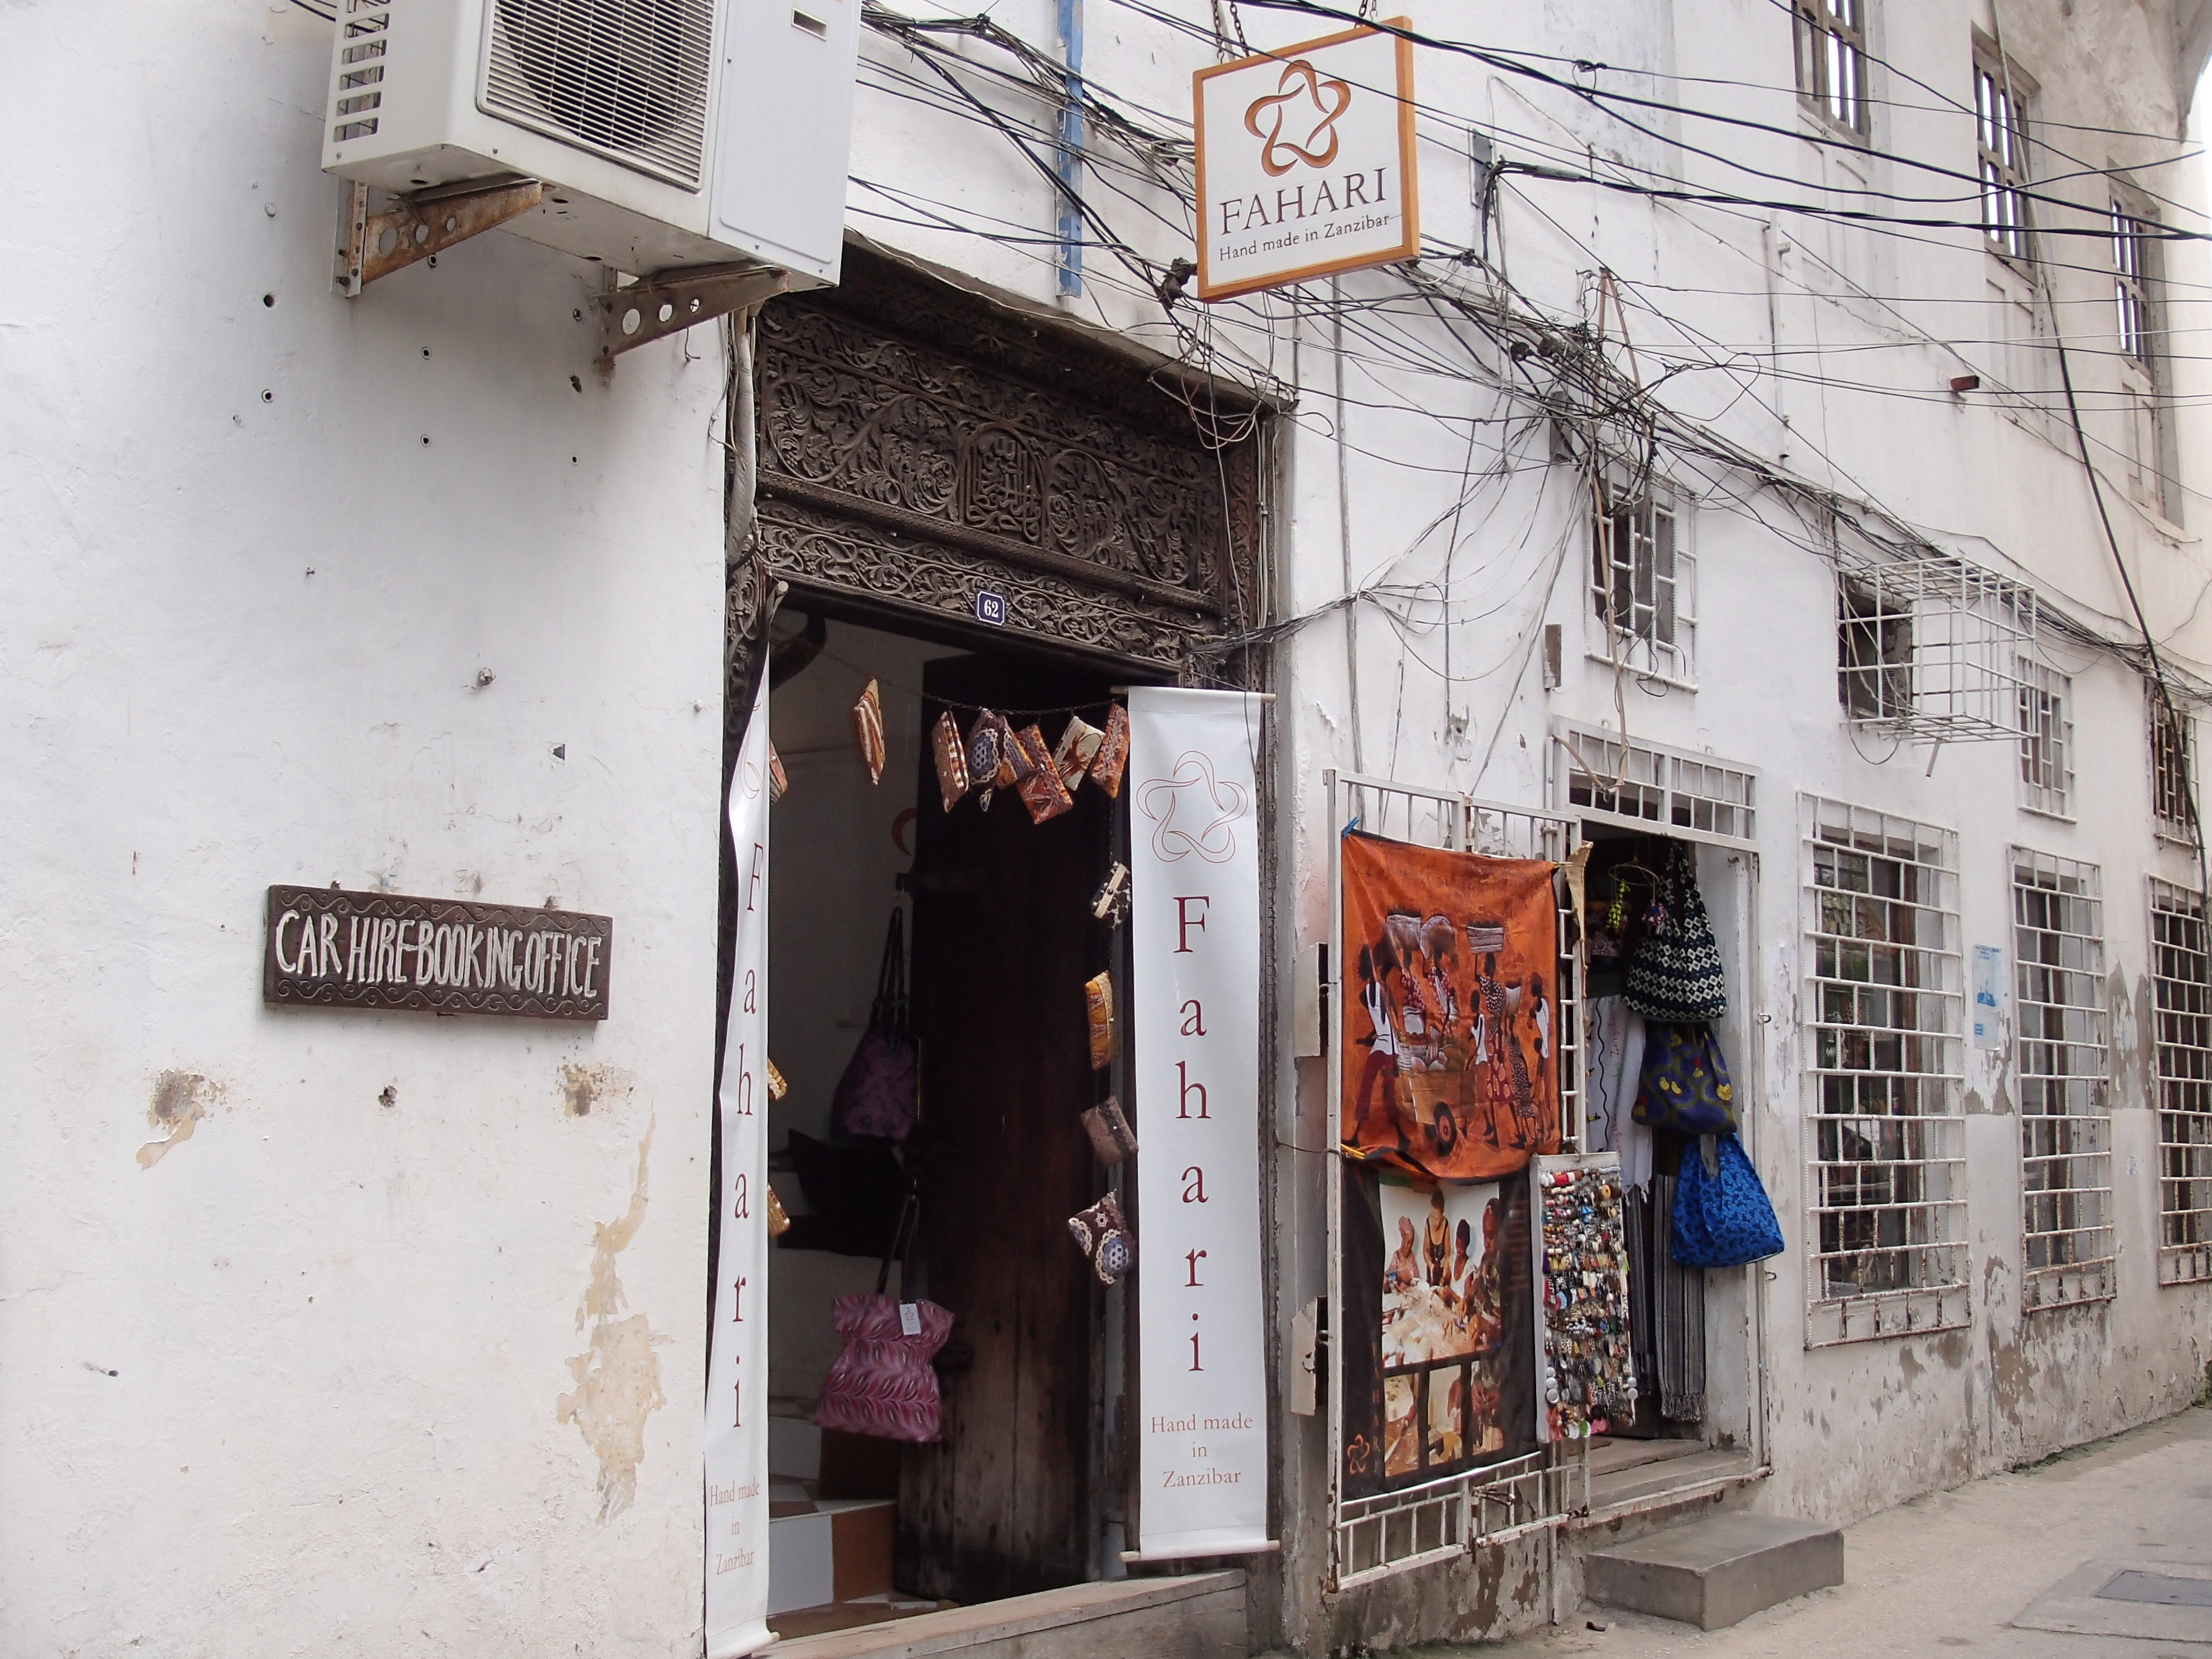 Fahari Zanzibar